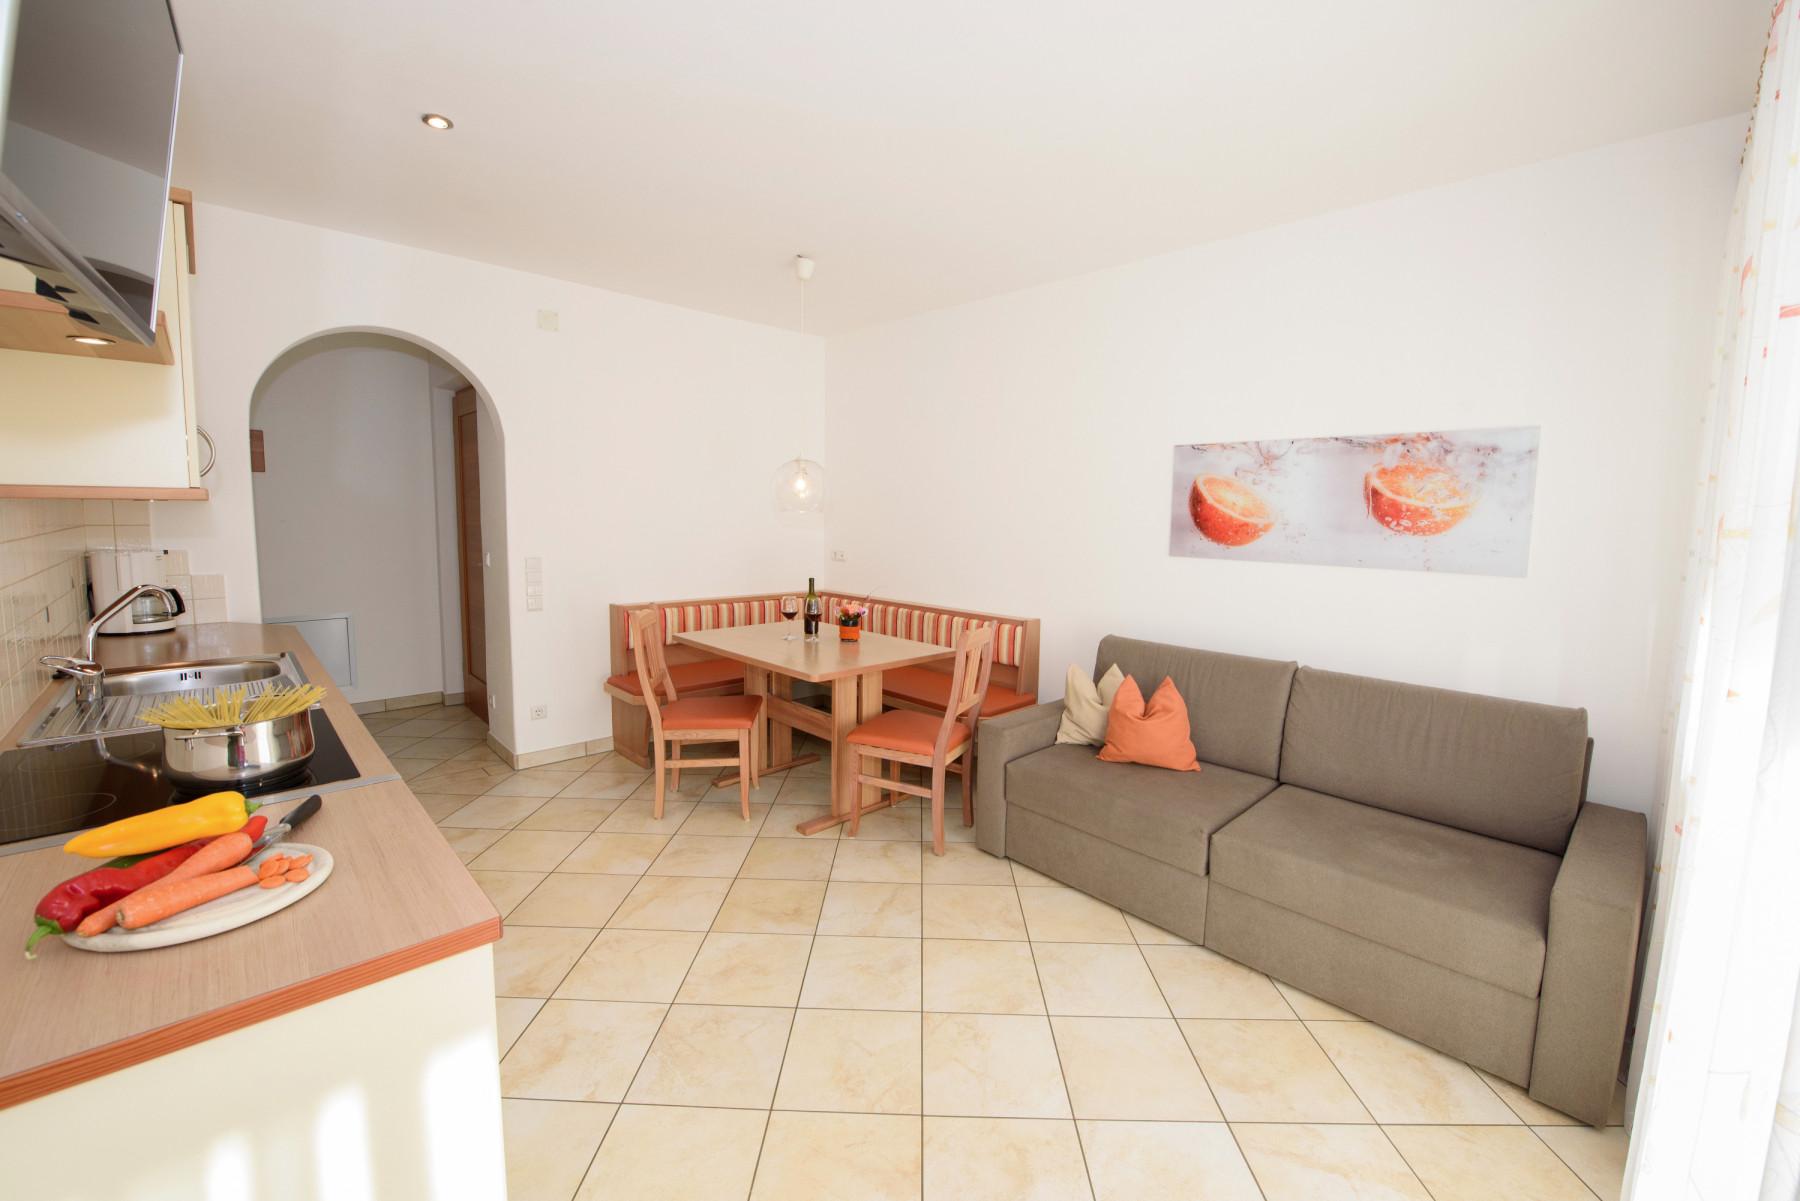 Case Arredate Con Gusto appartamento rose - appartamenti - appartamenti sonnenhof